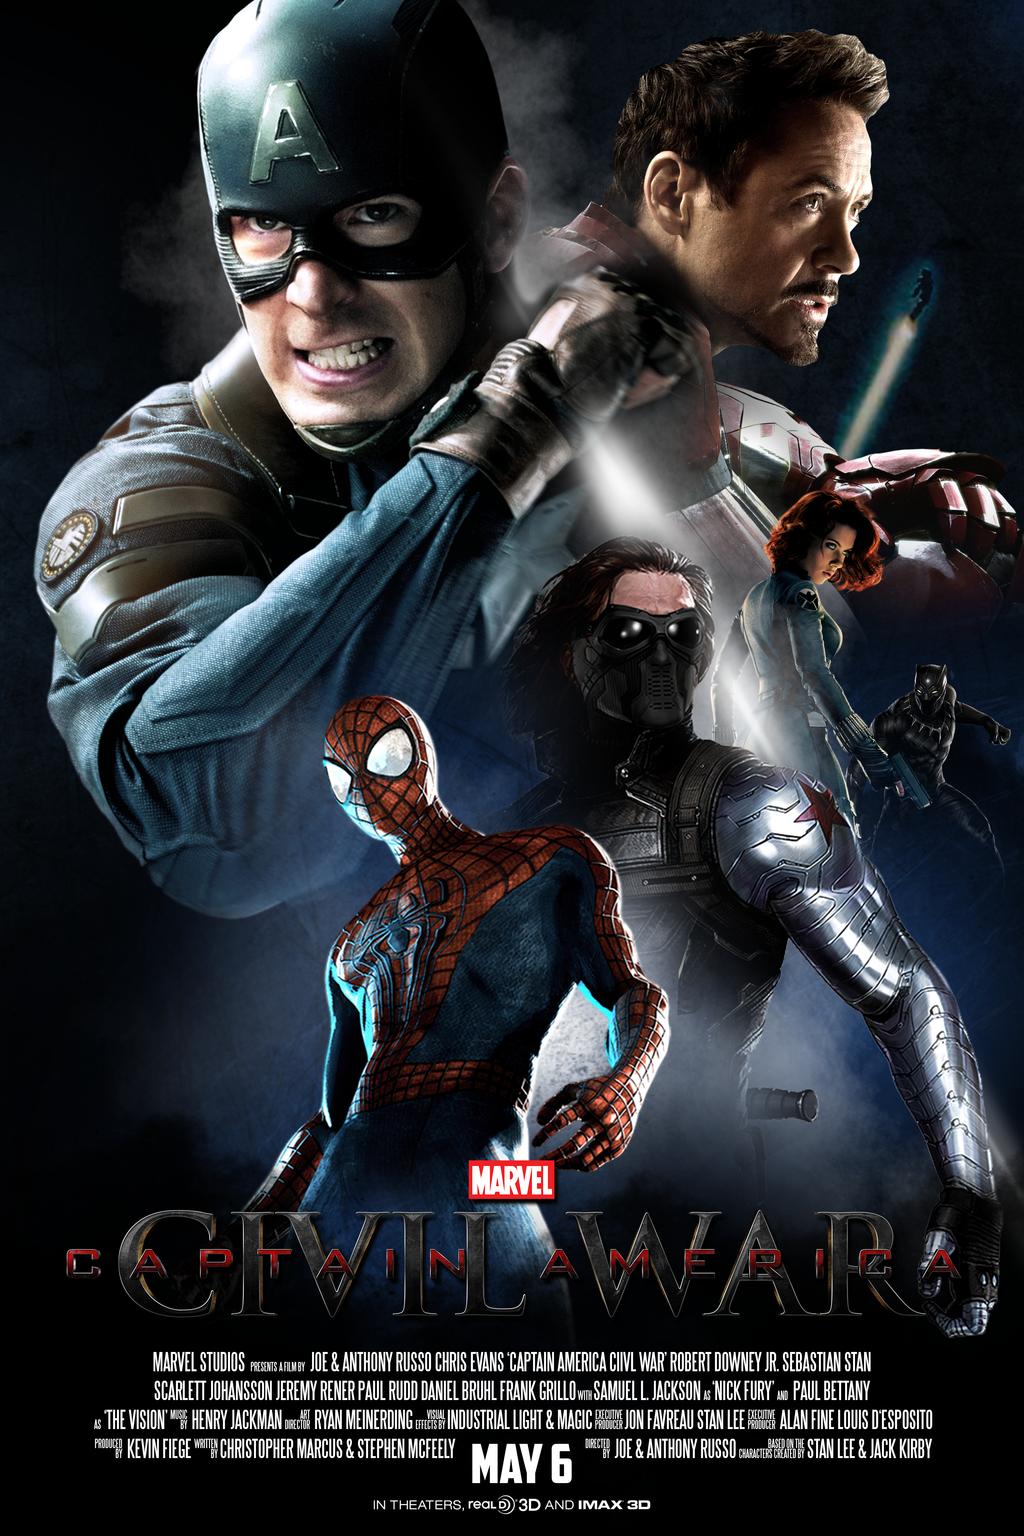 Marvel S Captain America Civil War Poster I Captain America Civil War Poster Marvel Captain America Captain America Civil War Movie